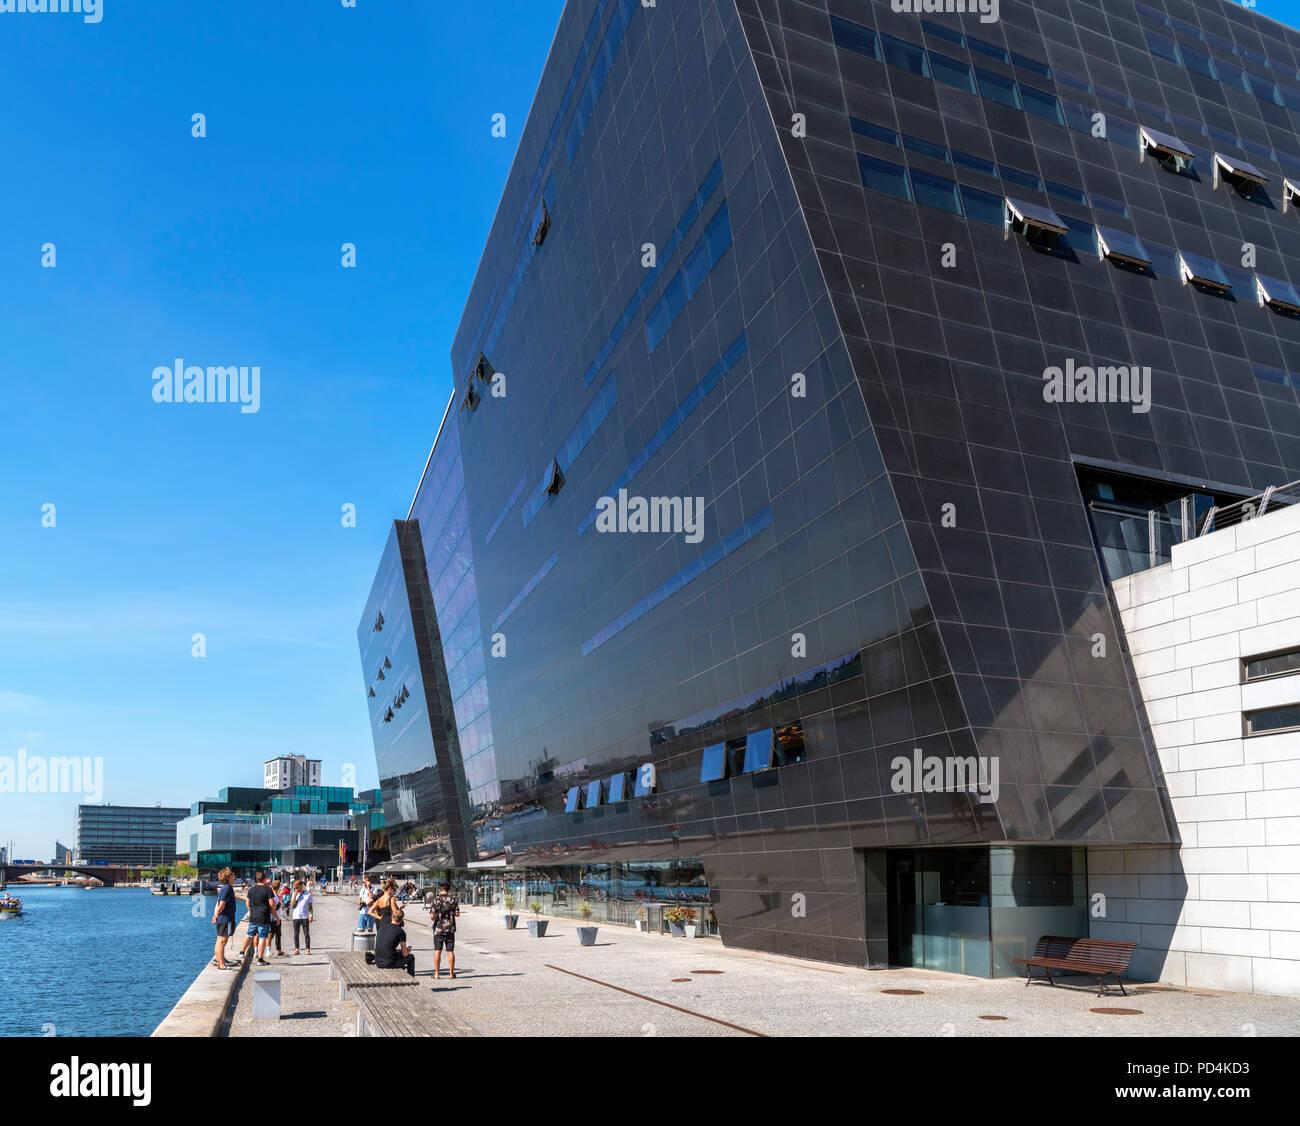 El Diamante Negro, una extensión moderna de la Royal Library ( Det Kongelige Bibliotek ), Slotsholmen, Copenhague, Zelanda, Dinamarca Foto de stock